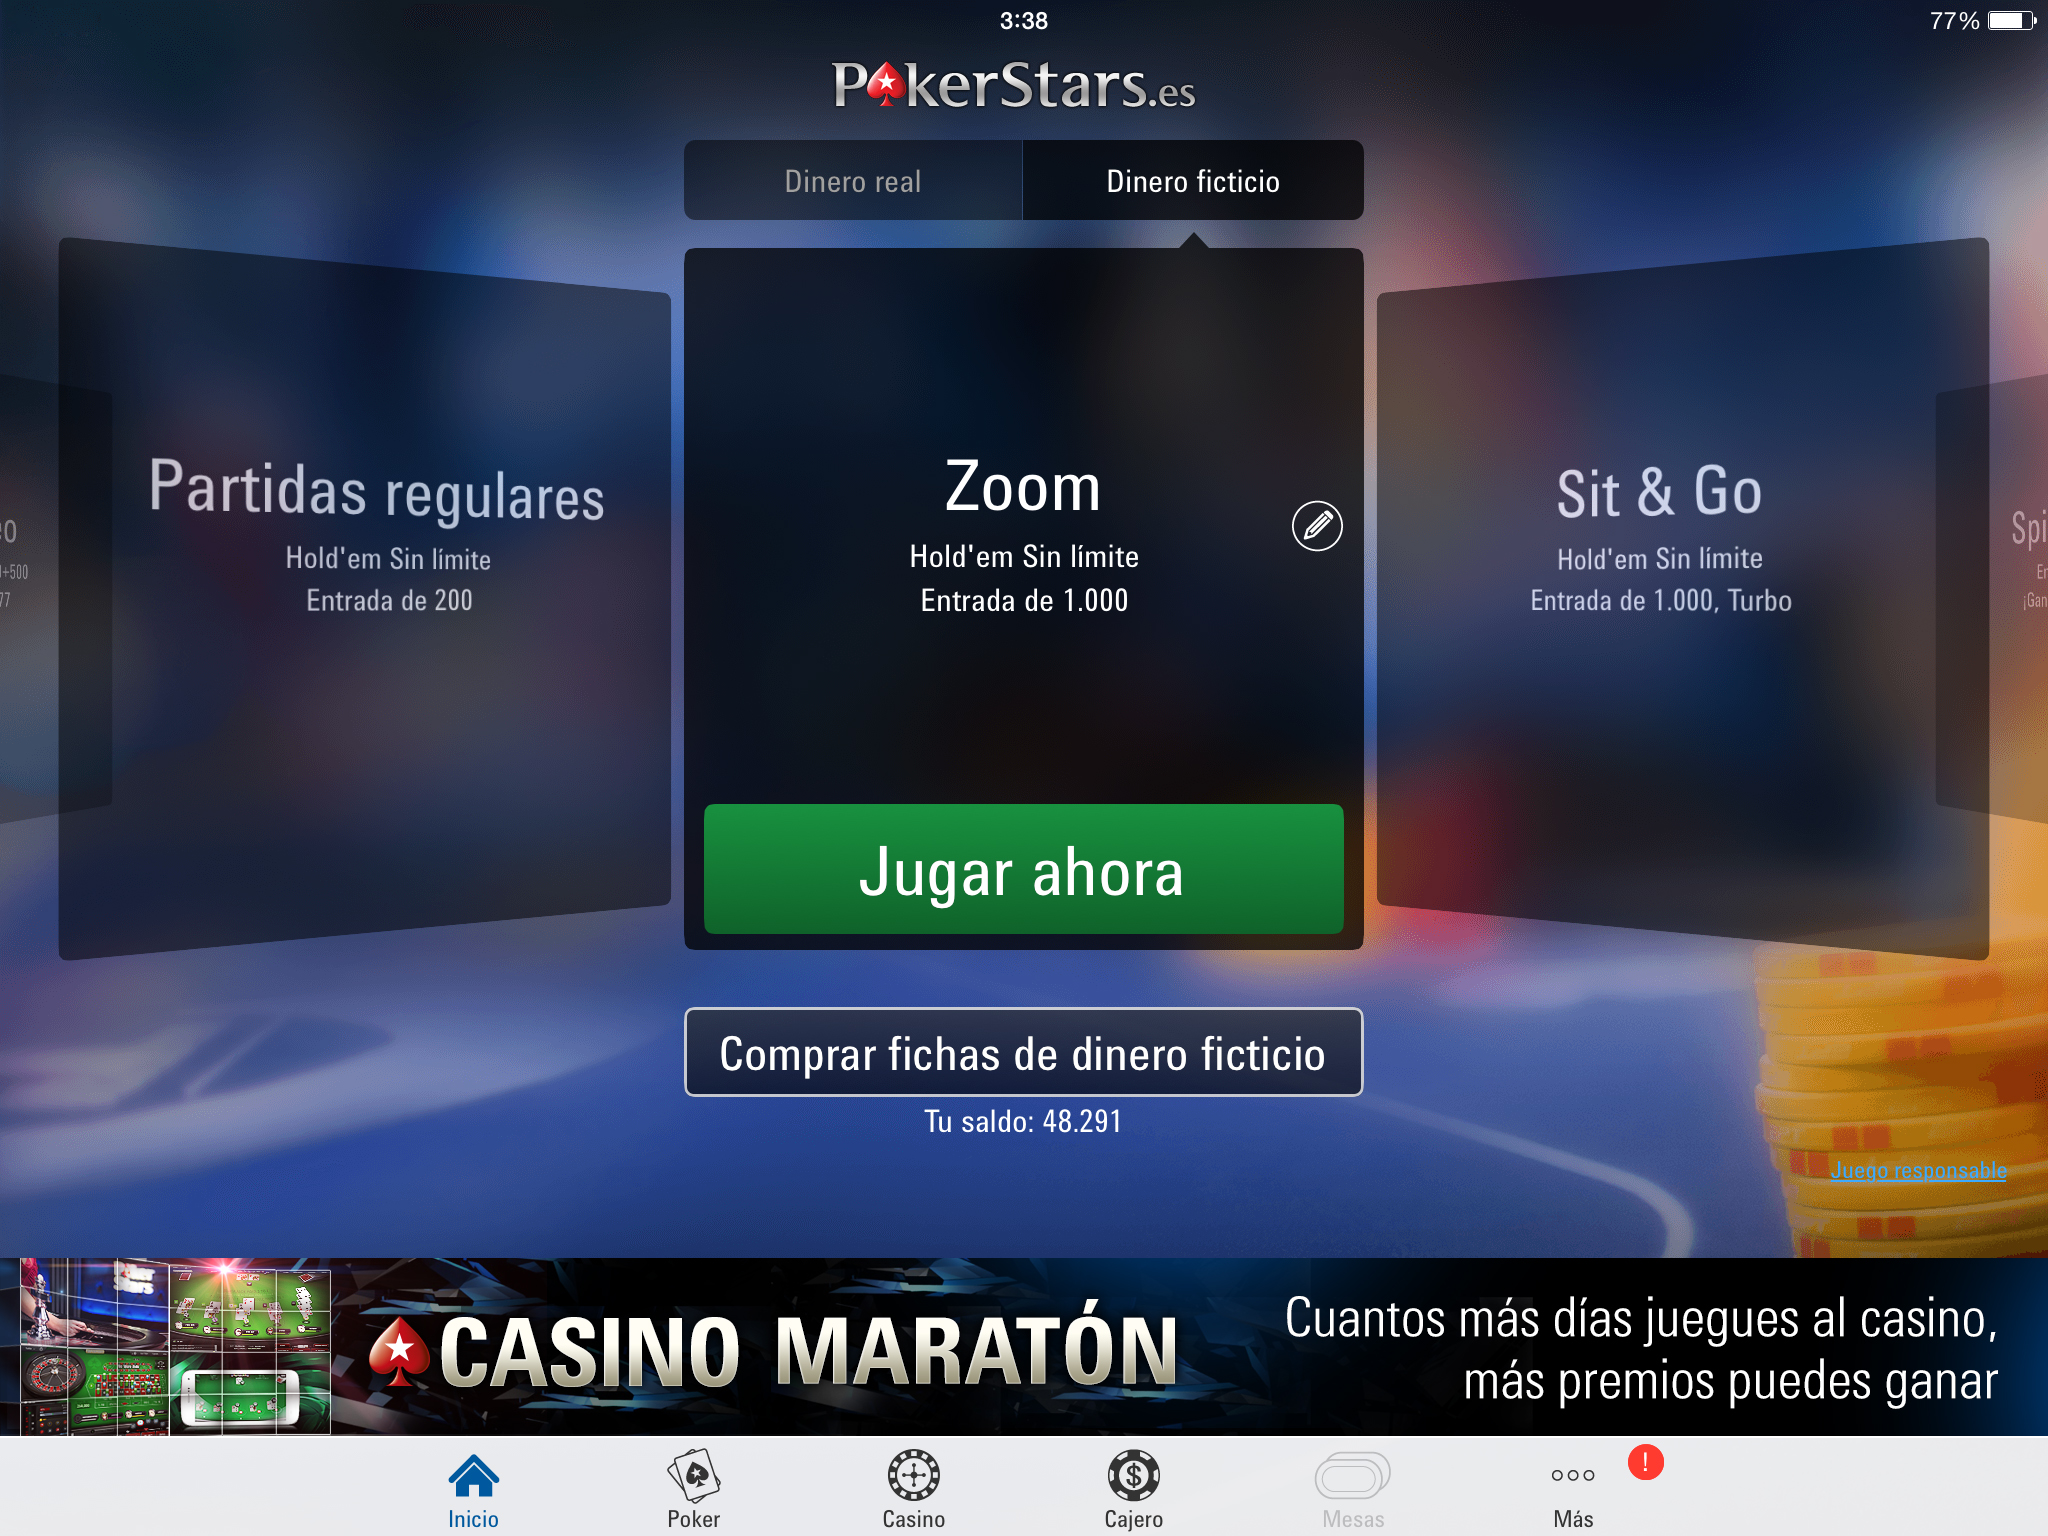 Primera pantalla que vemos al abrir la aplicación de póker online PokerStars.